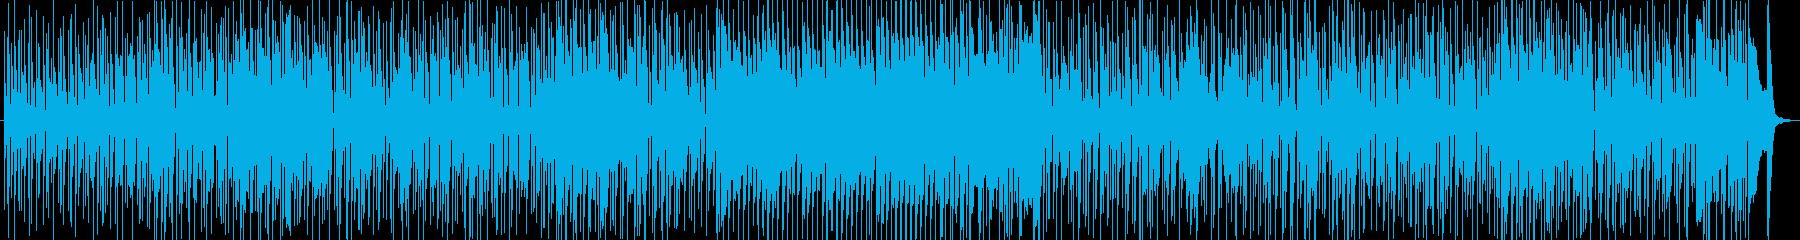 70年代風のレトロファンキーチューンの再生済みの波形